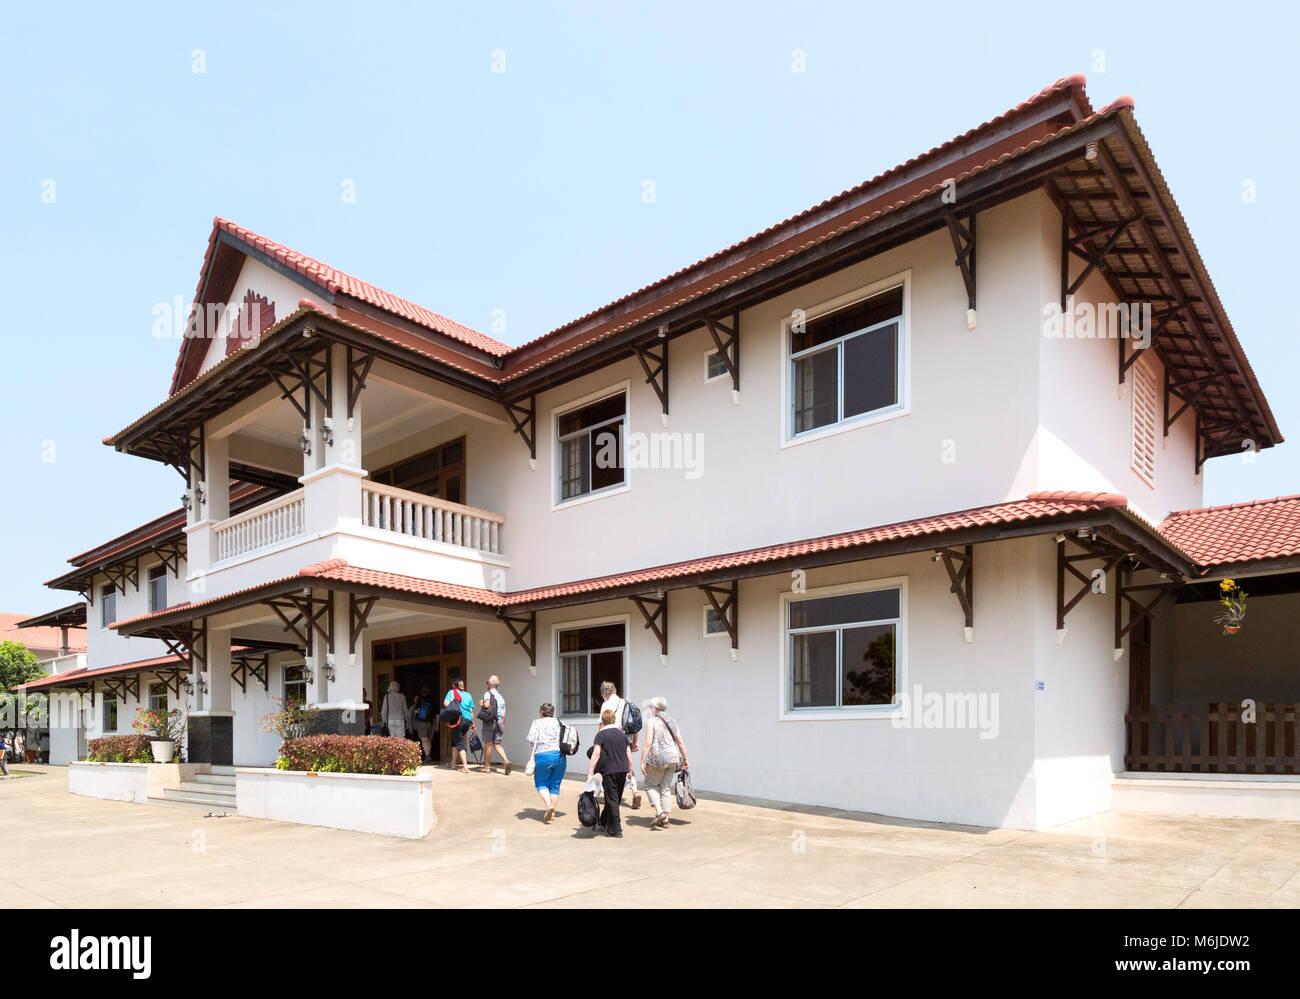 Kambodscha Hotel-Tour Gruppe bei der Ankunft im reaksmey Krong guesthouse, Kep, Kambodscha Asien Stockbild